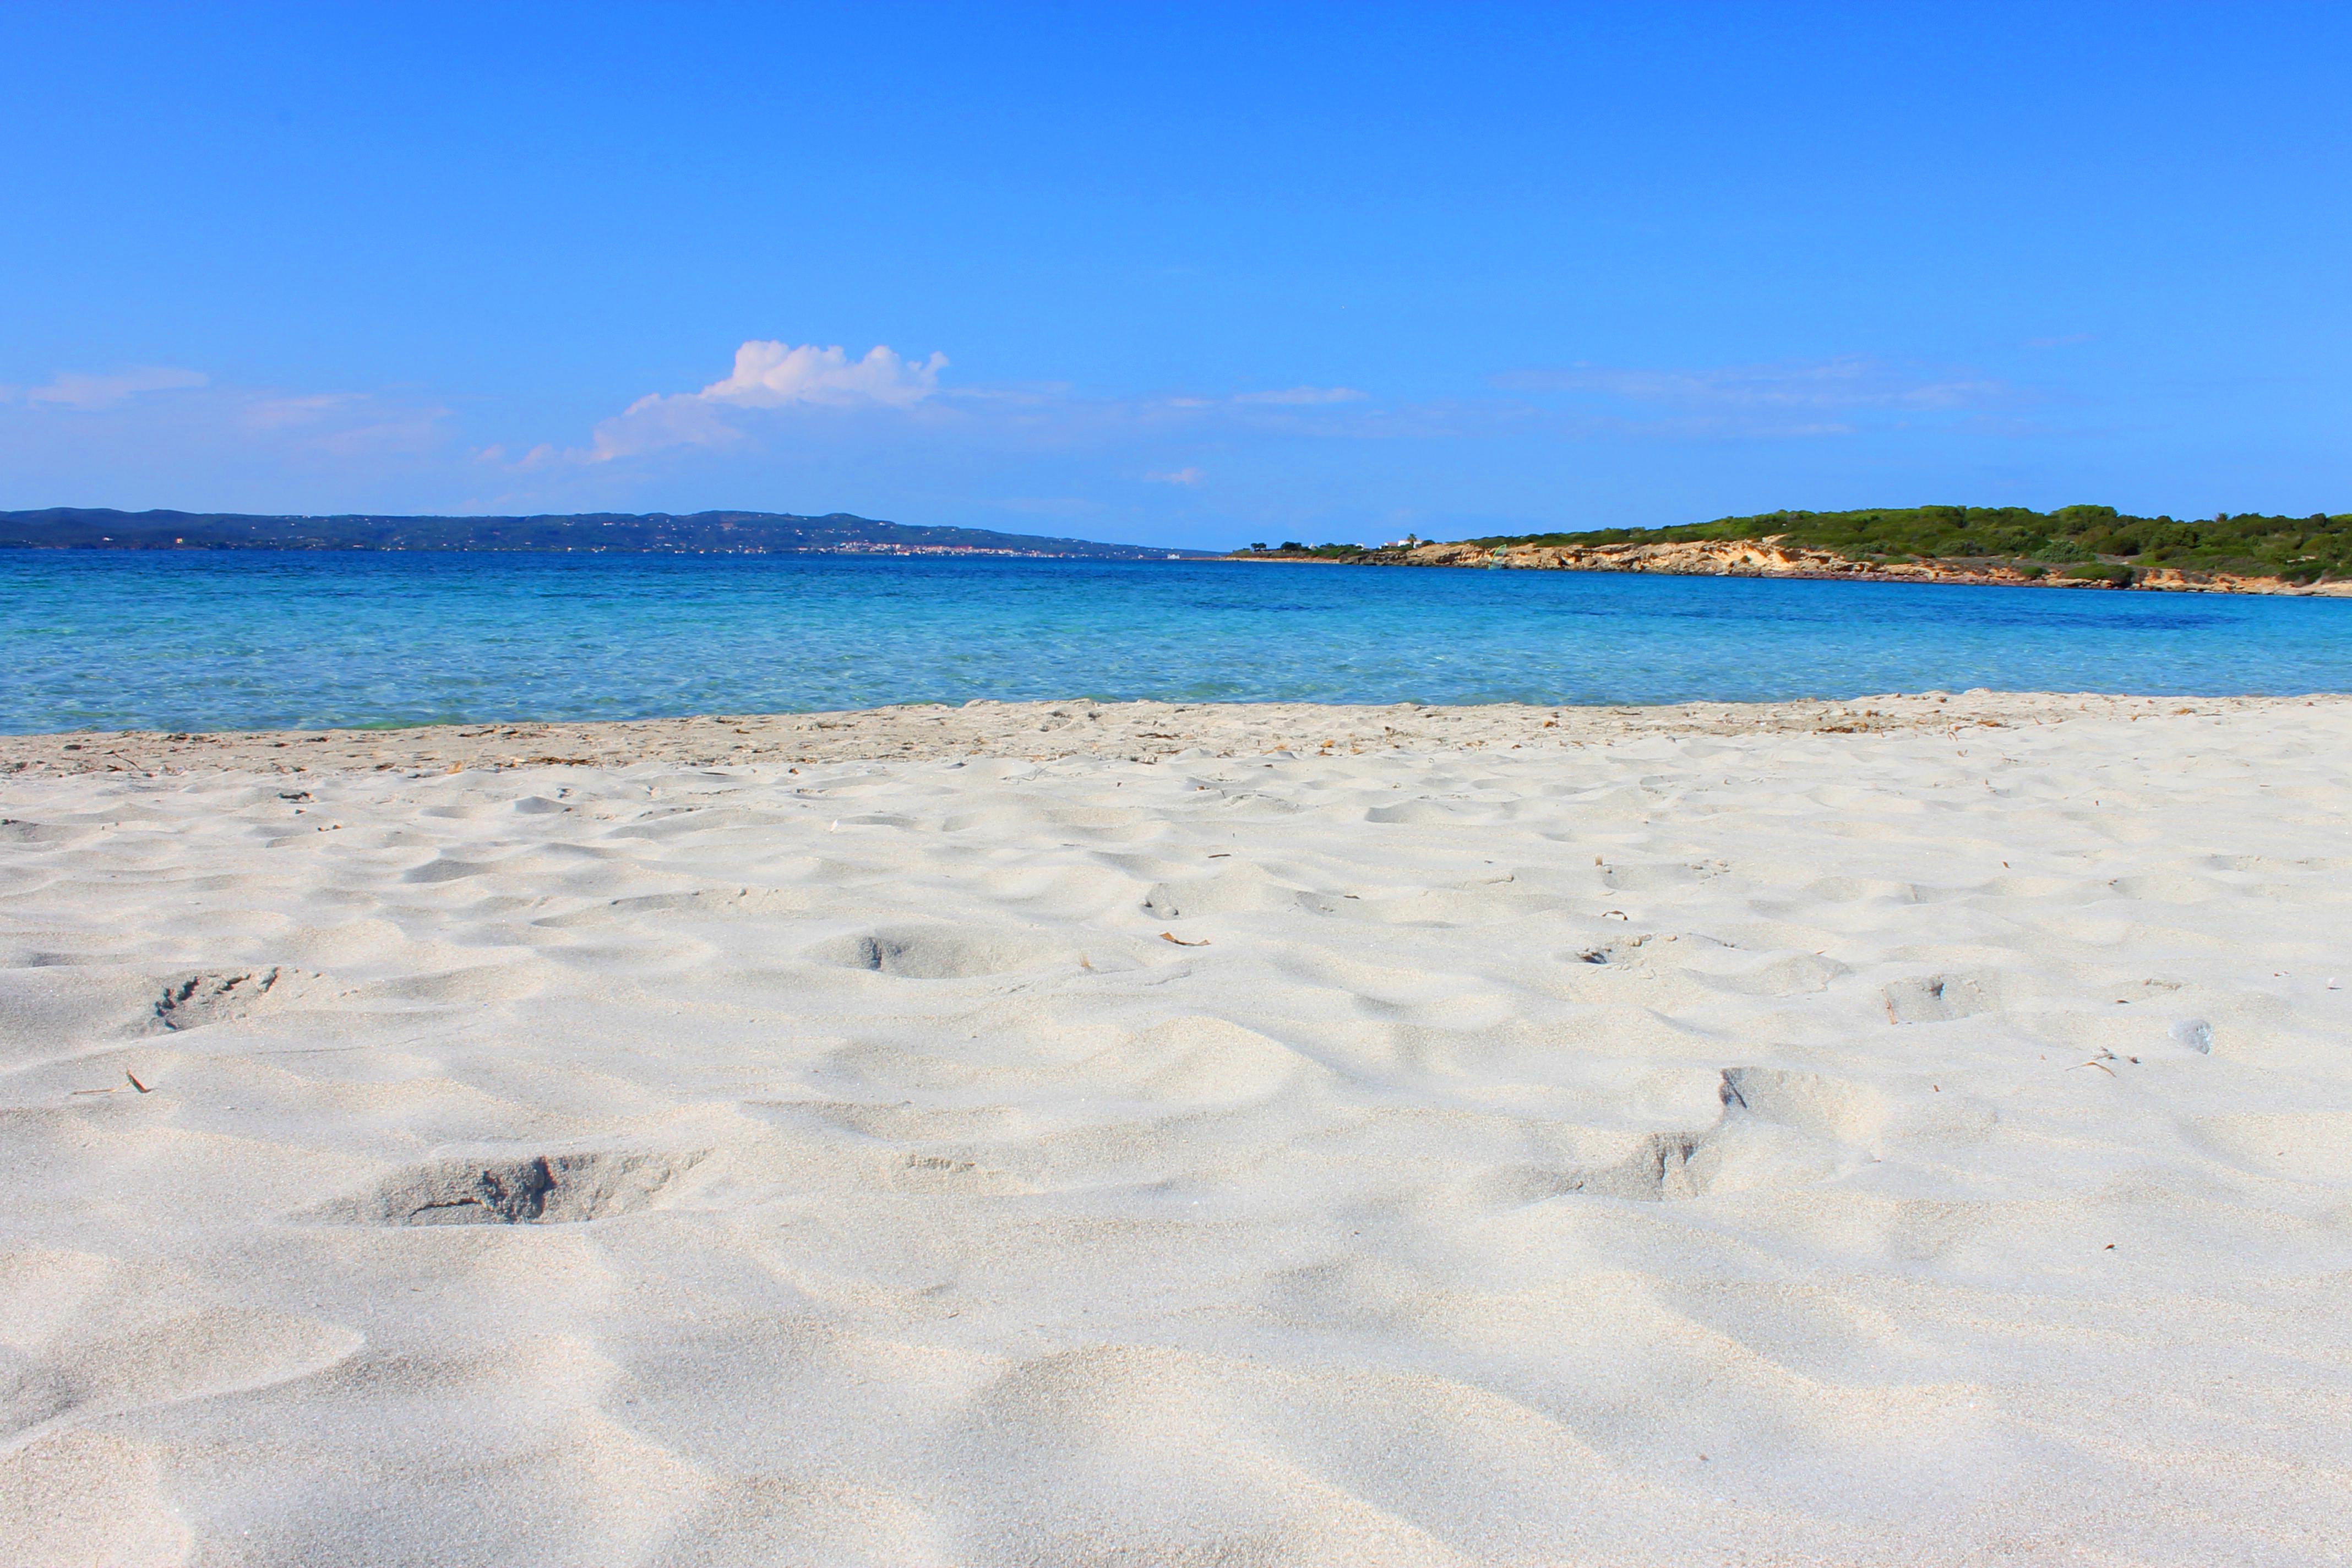 Spiaggia grande calasetta sardegna foto video e mappe - Alla colorazione della spiaggia ...